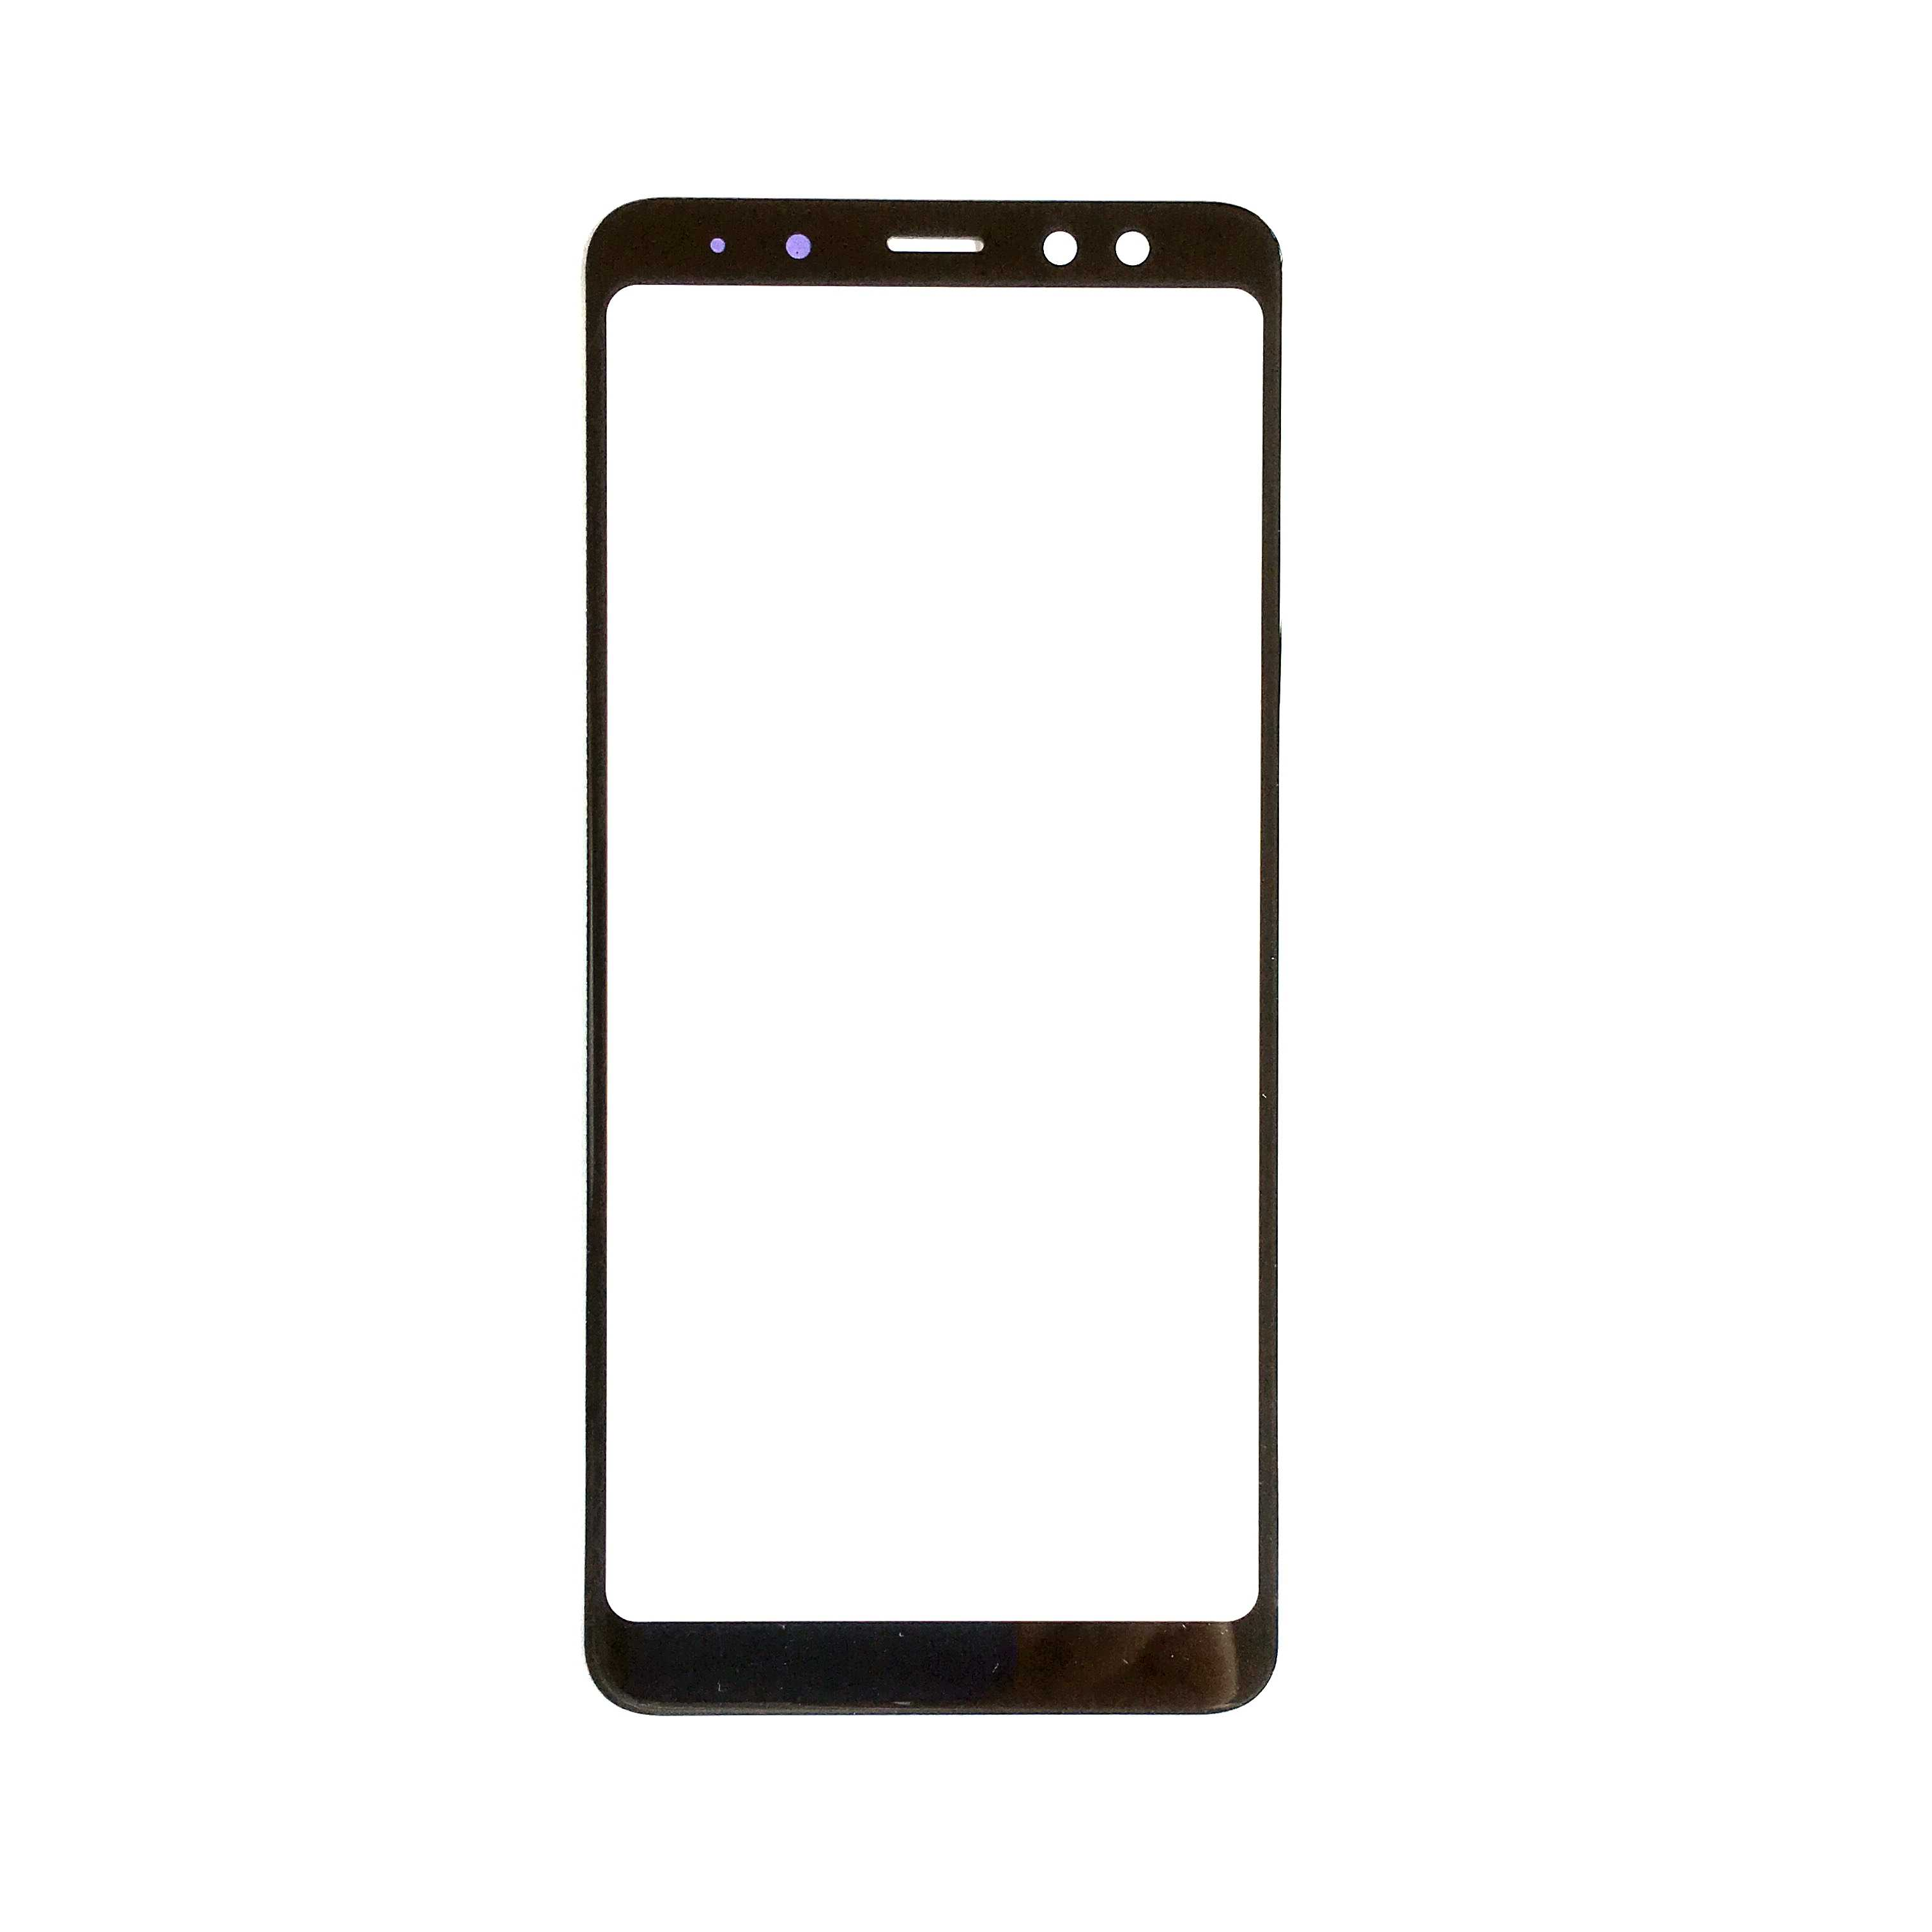 A7 A9 اللوحة الأمامية لسامسونج غالاكسي J4 J6 J8 A6 A8 زائد 2018 J415 A750 شاشة تعمل باللمس الاستشعار شاشة الكريستال السائل محول الأرقام غطاء زجاجي